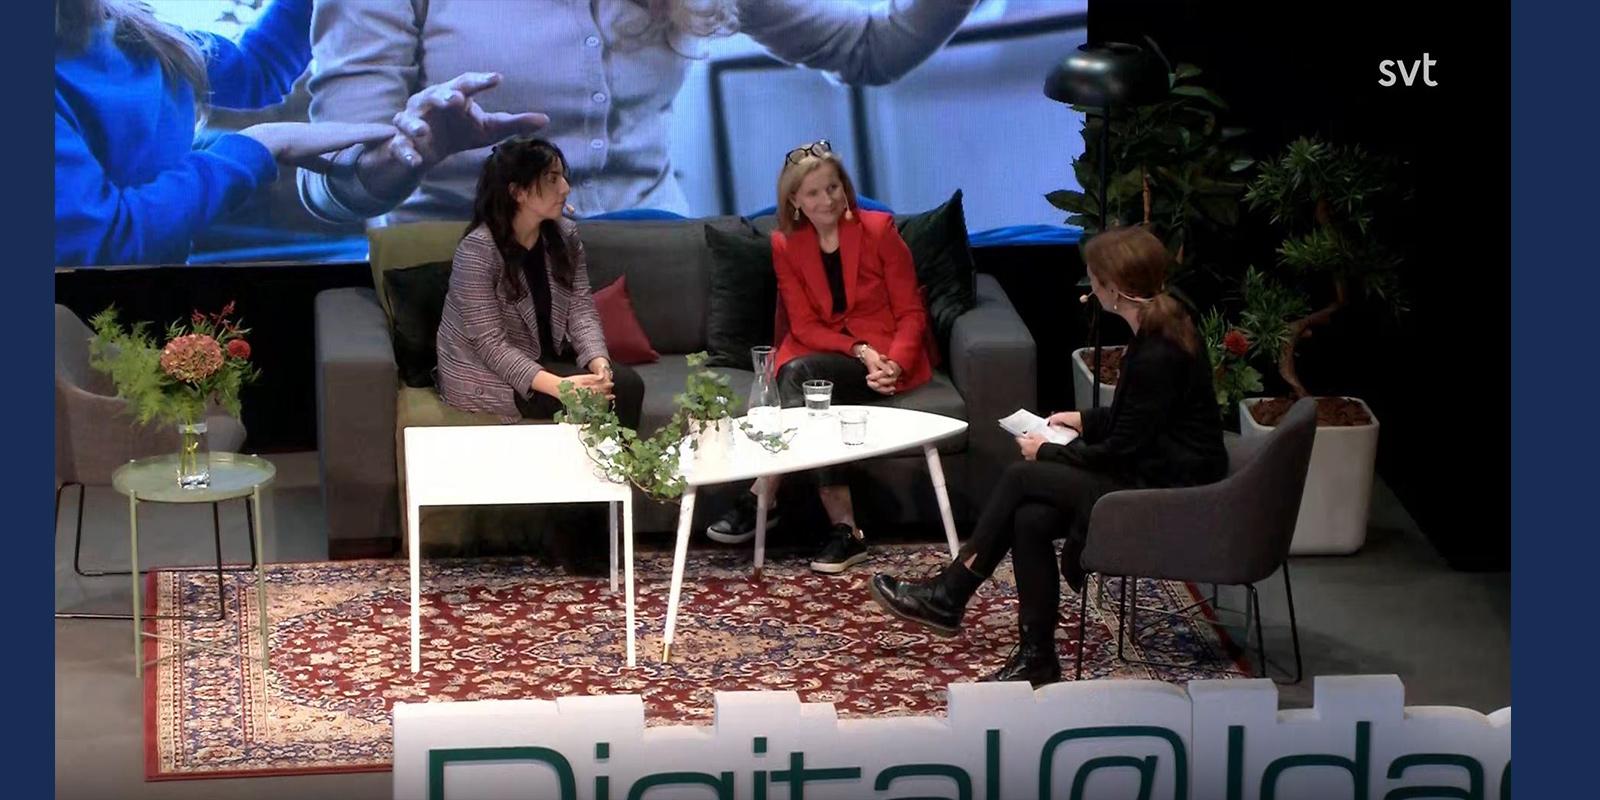 Delal Apak om digitalisering i SVT